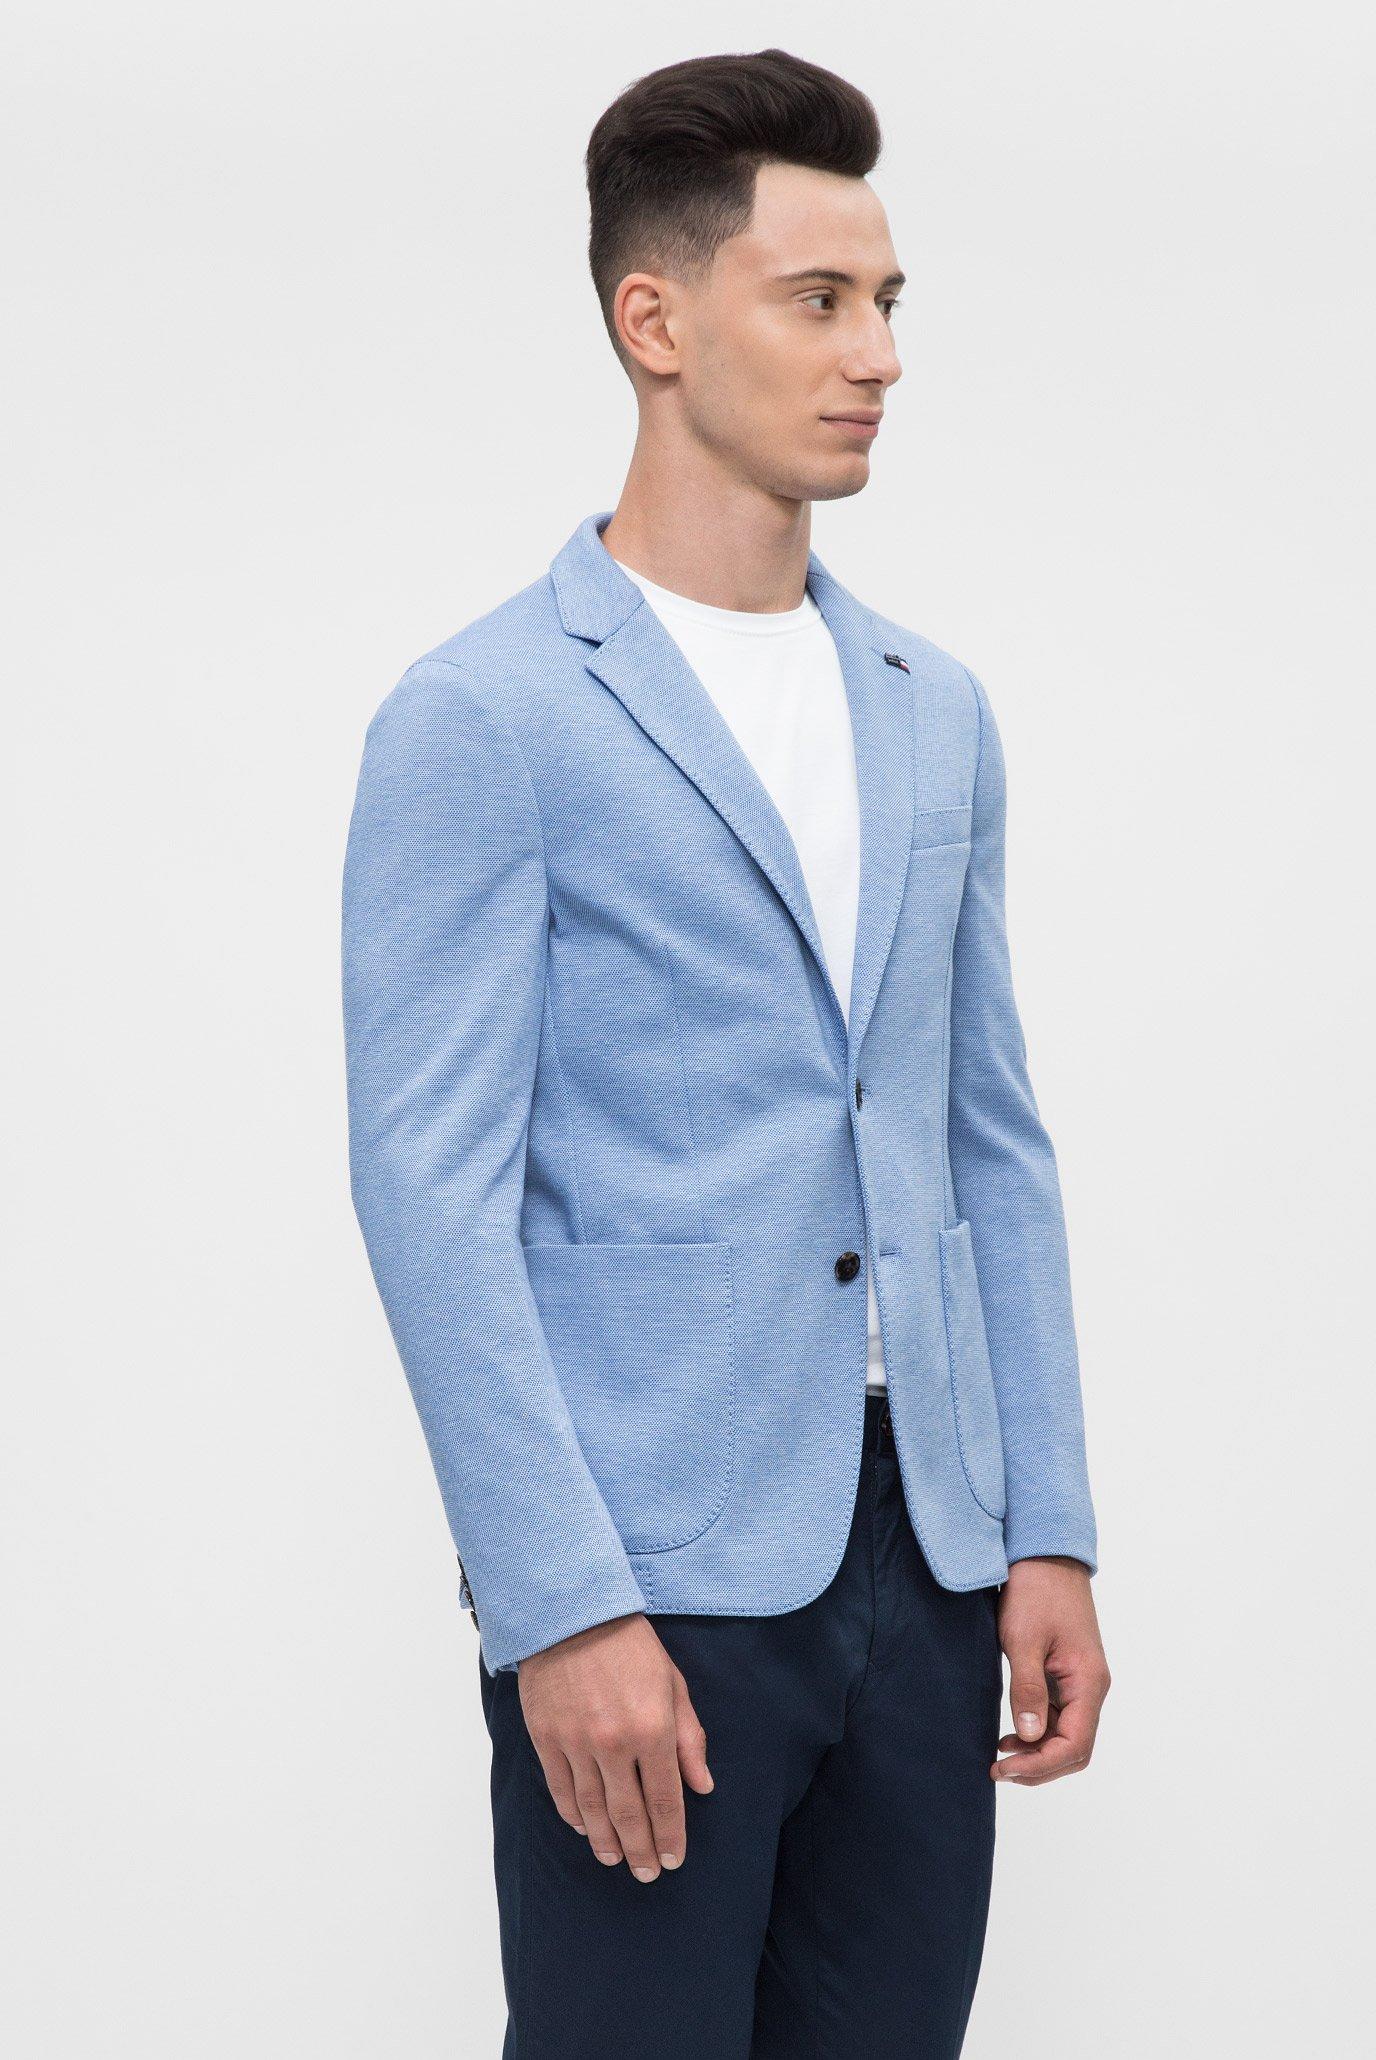 Купить Мужской голубой пиджак  Tommy Hilfiger Tommy Hilfiger MW0MW05265 – Киев, Украина. Цены в интернет магазине MD Fashion